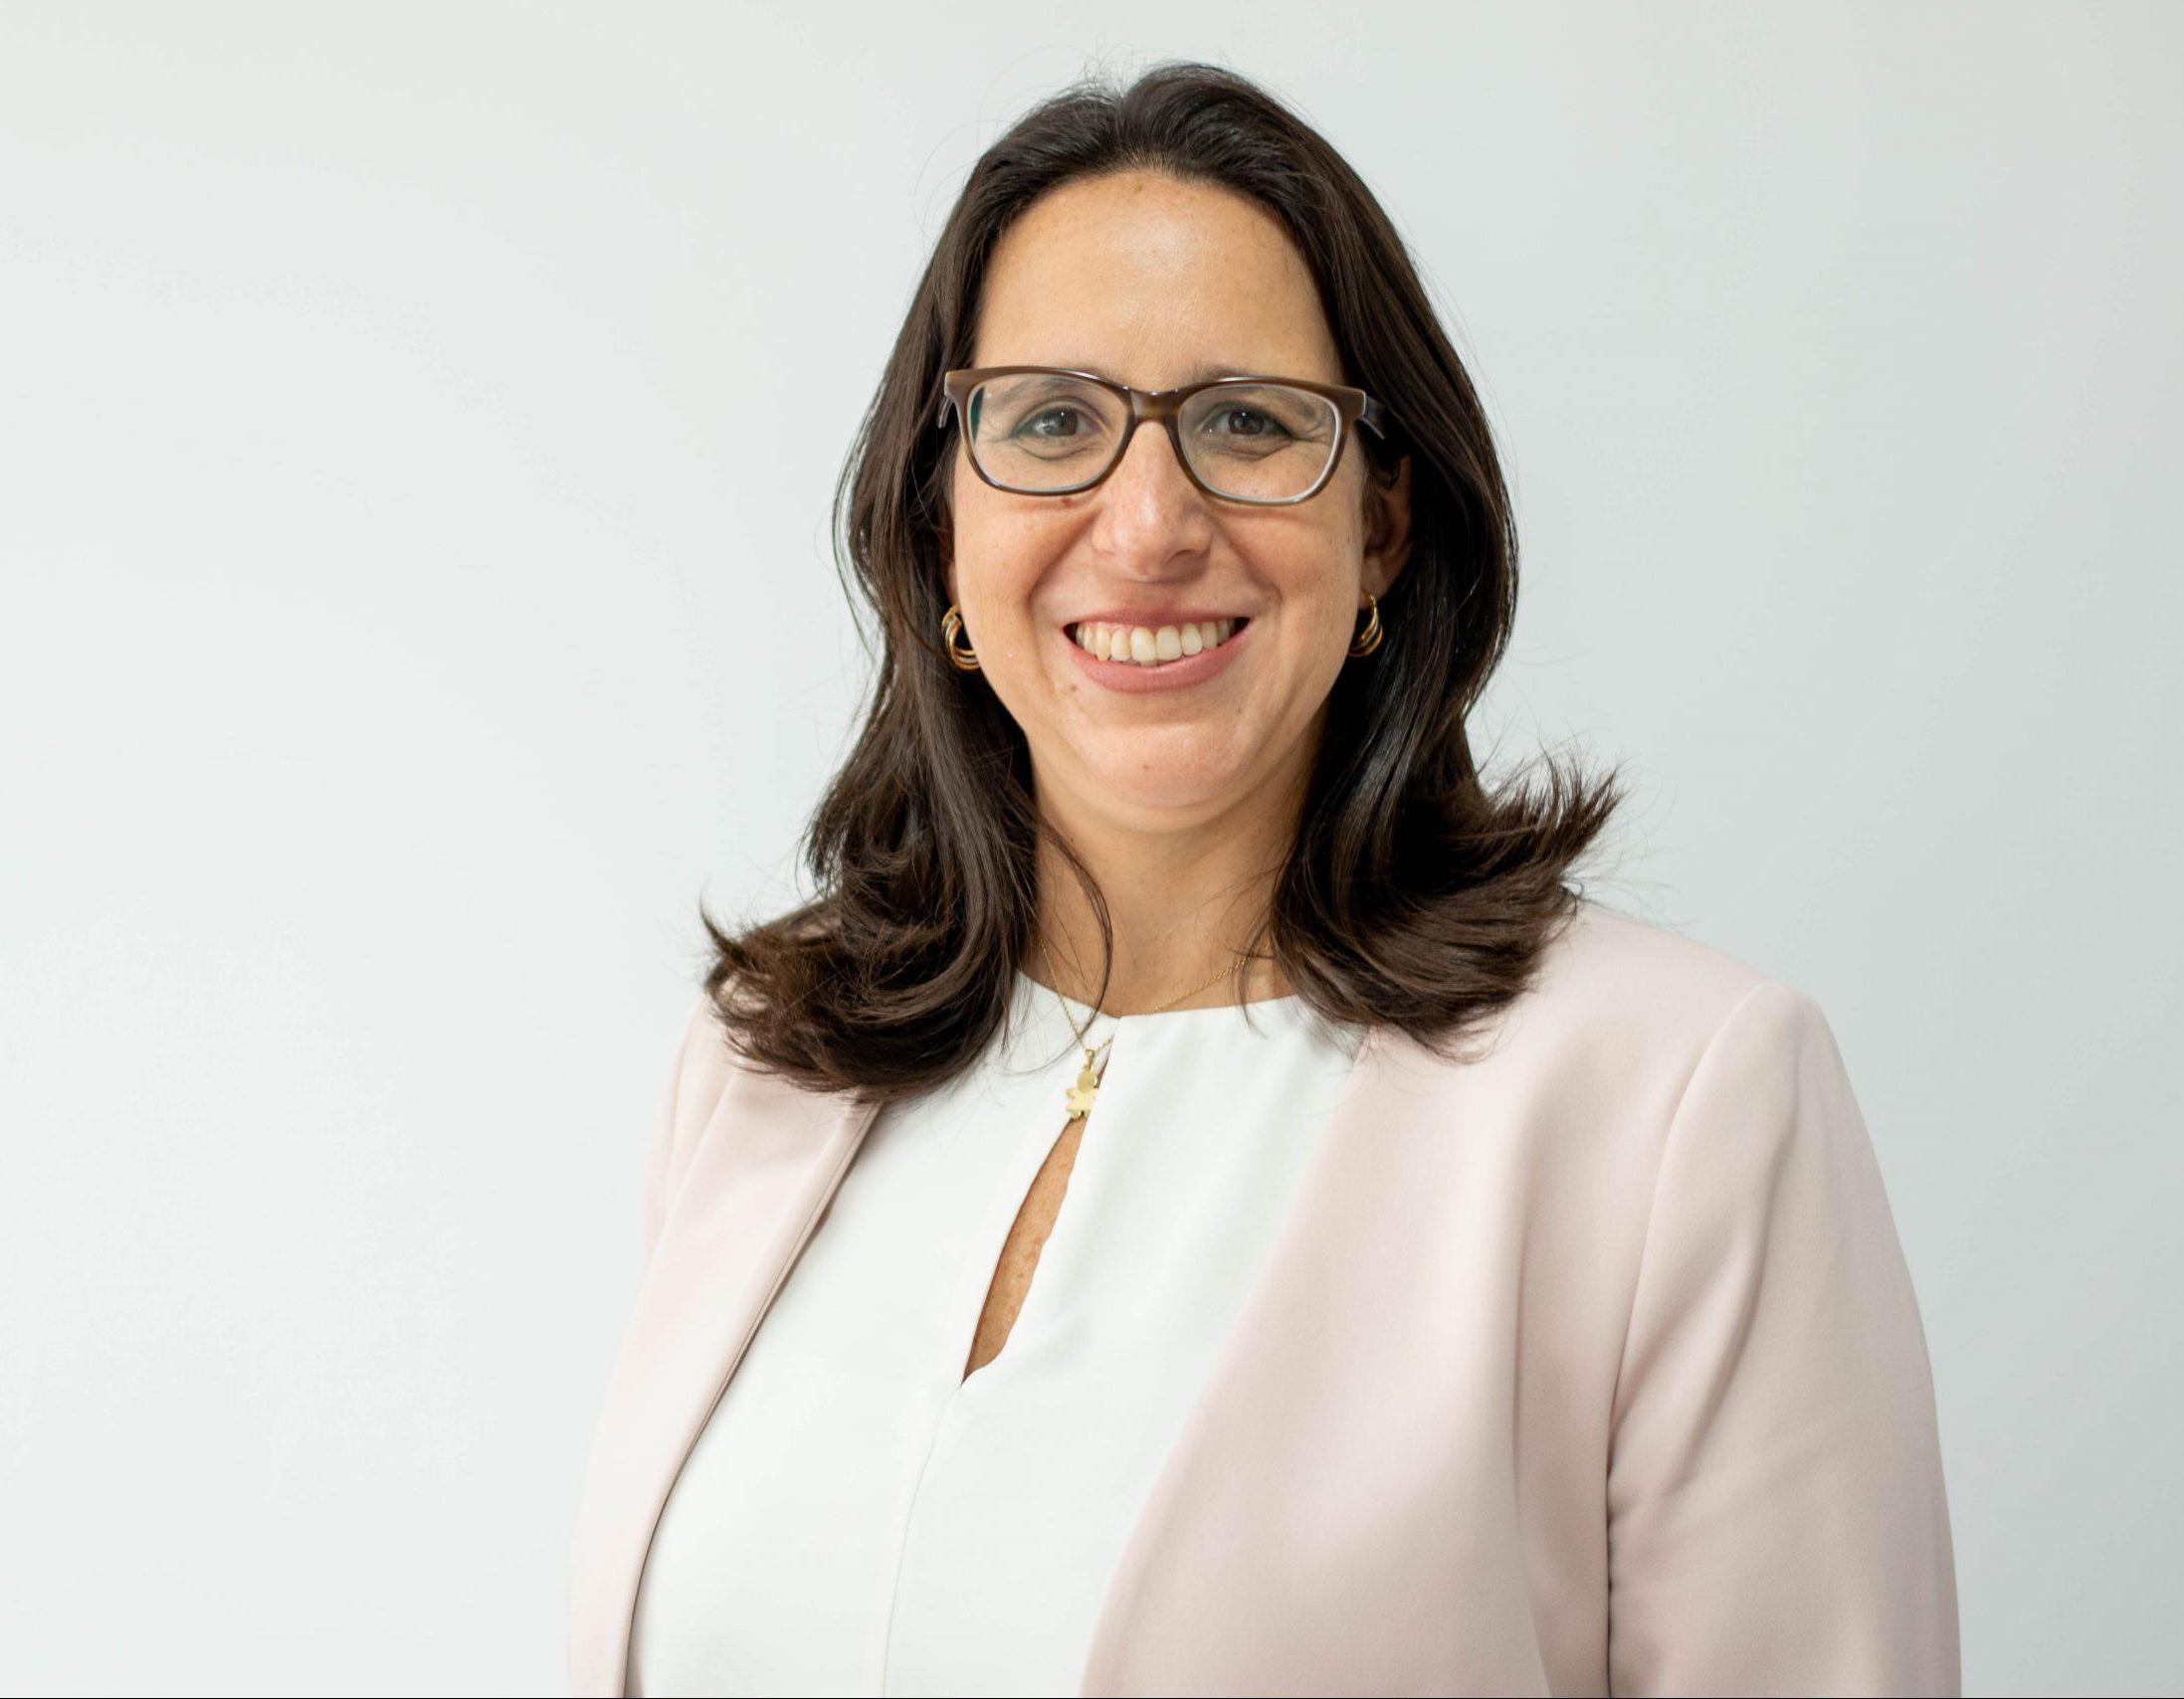 Mariana Monge